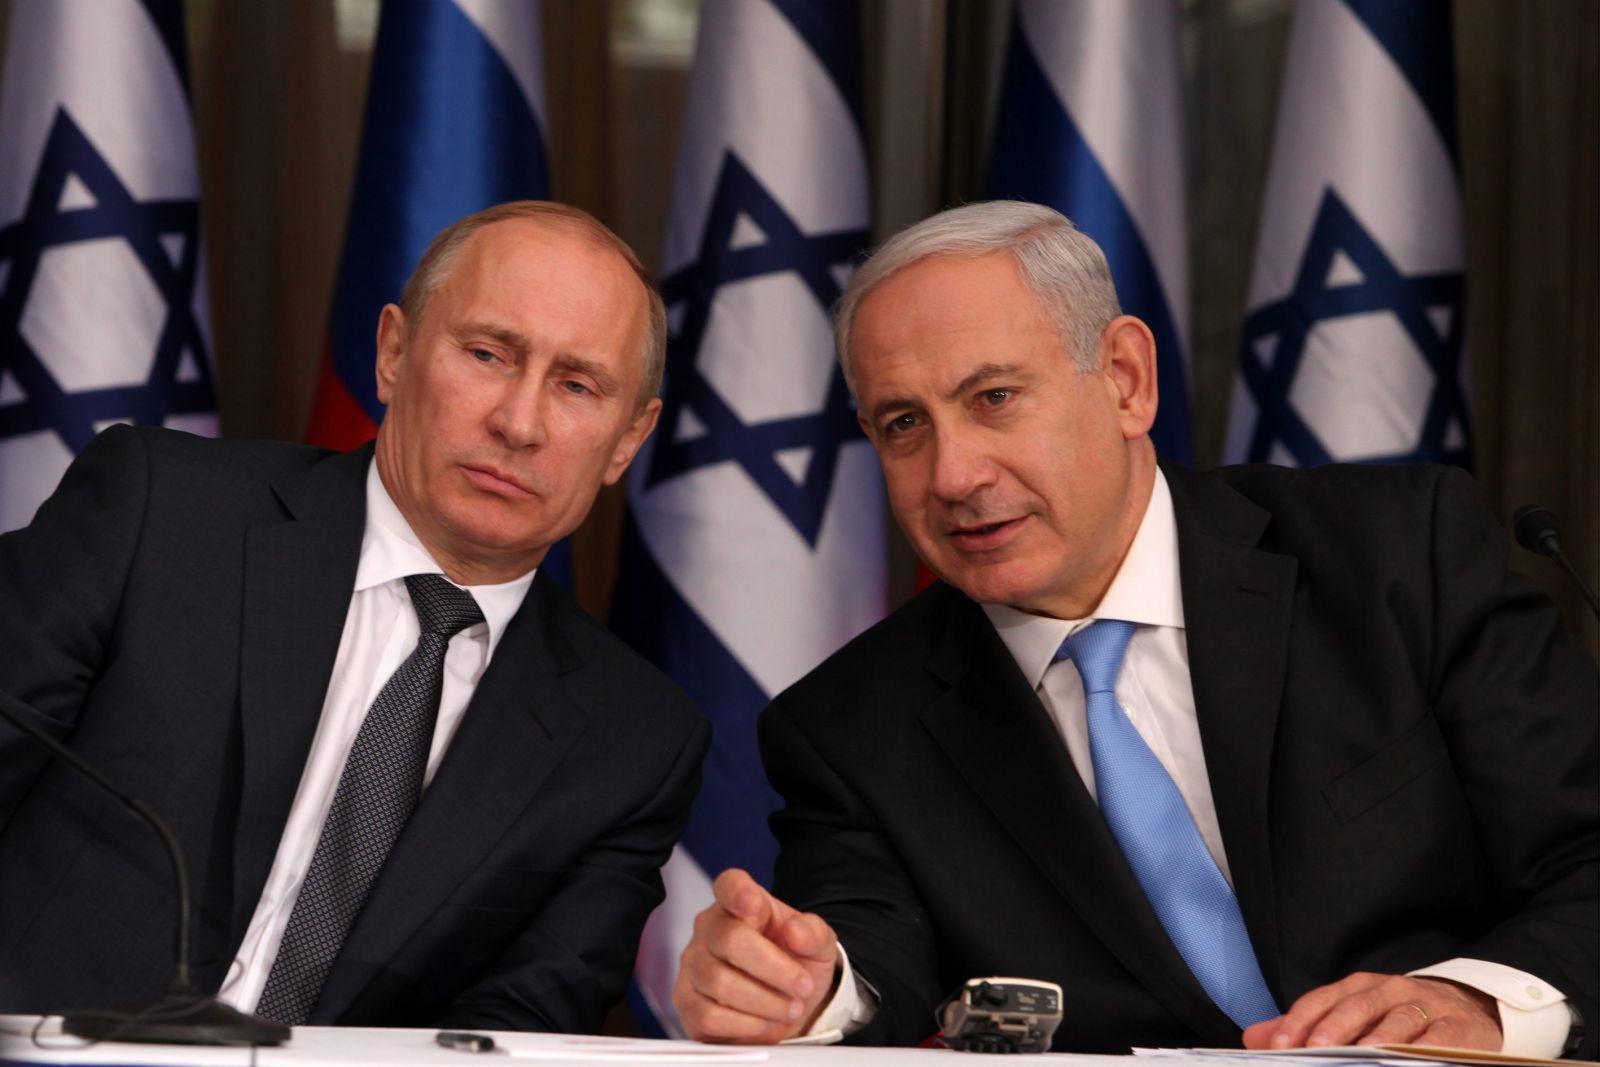 За останні чотири роки Беньямін Нетаньягу і Володимир Путін провели 10 зустрічей